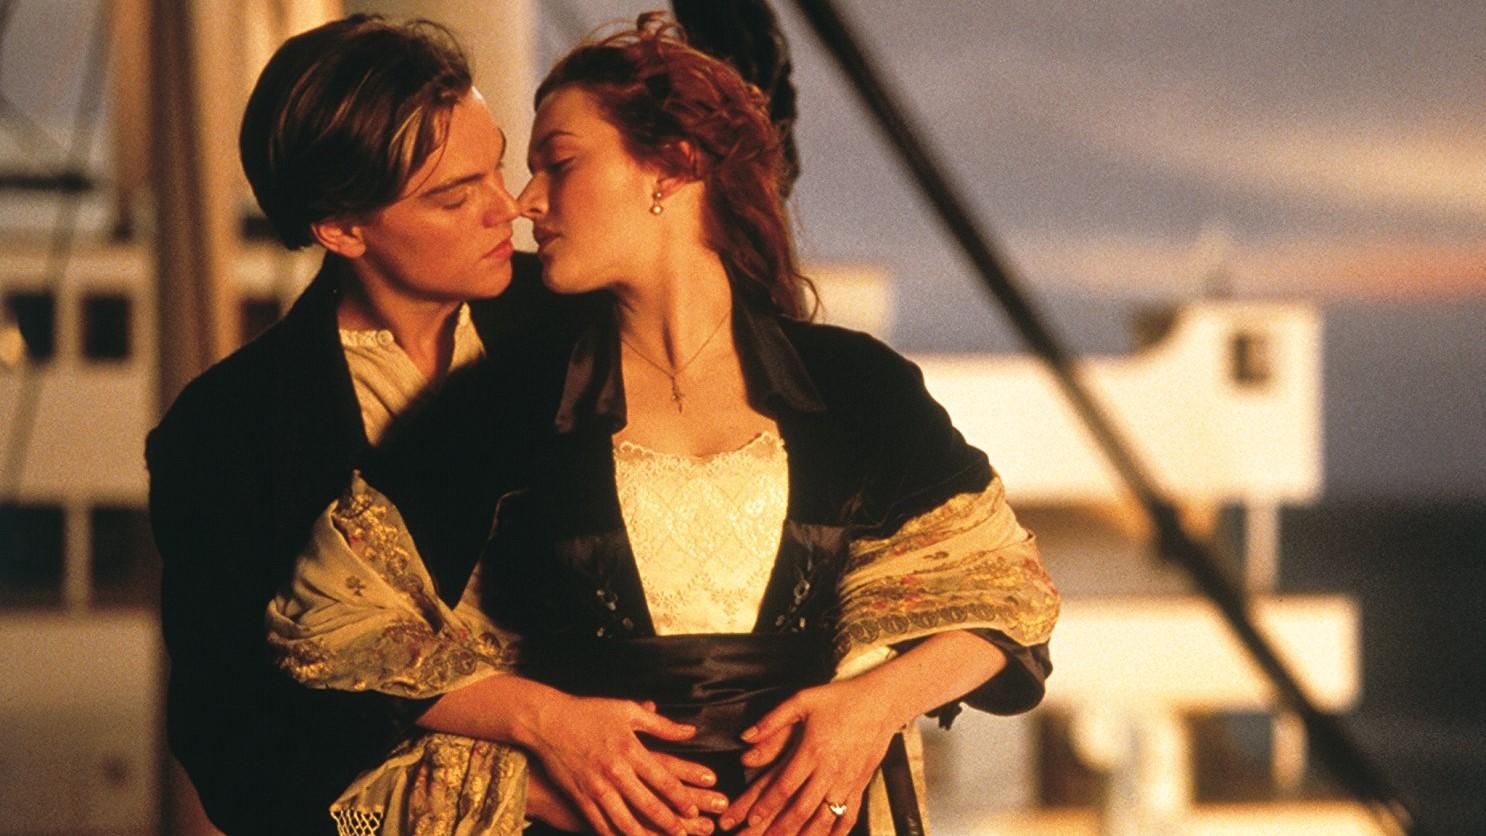 Fim de semana tem Titanic e Senhor dos Anéis de graça no Cine Passeio